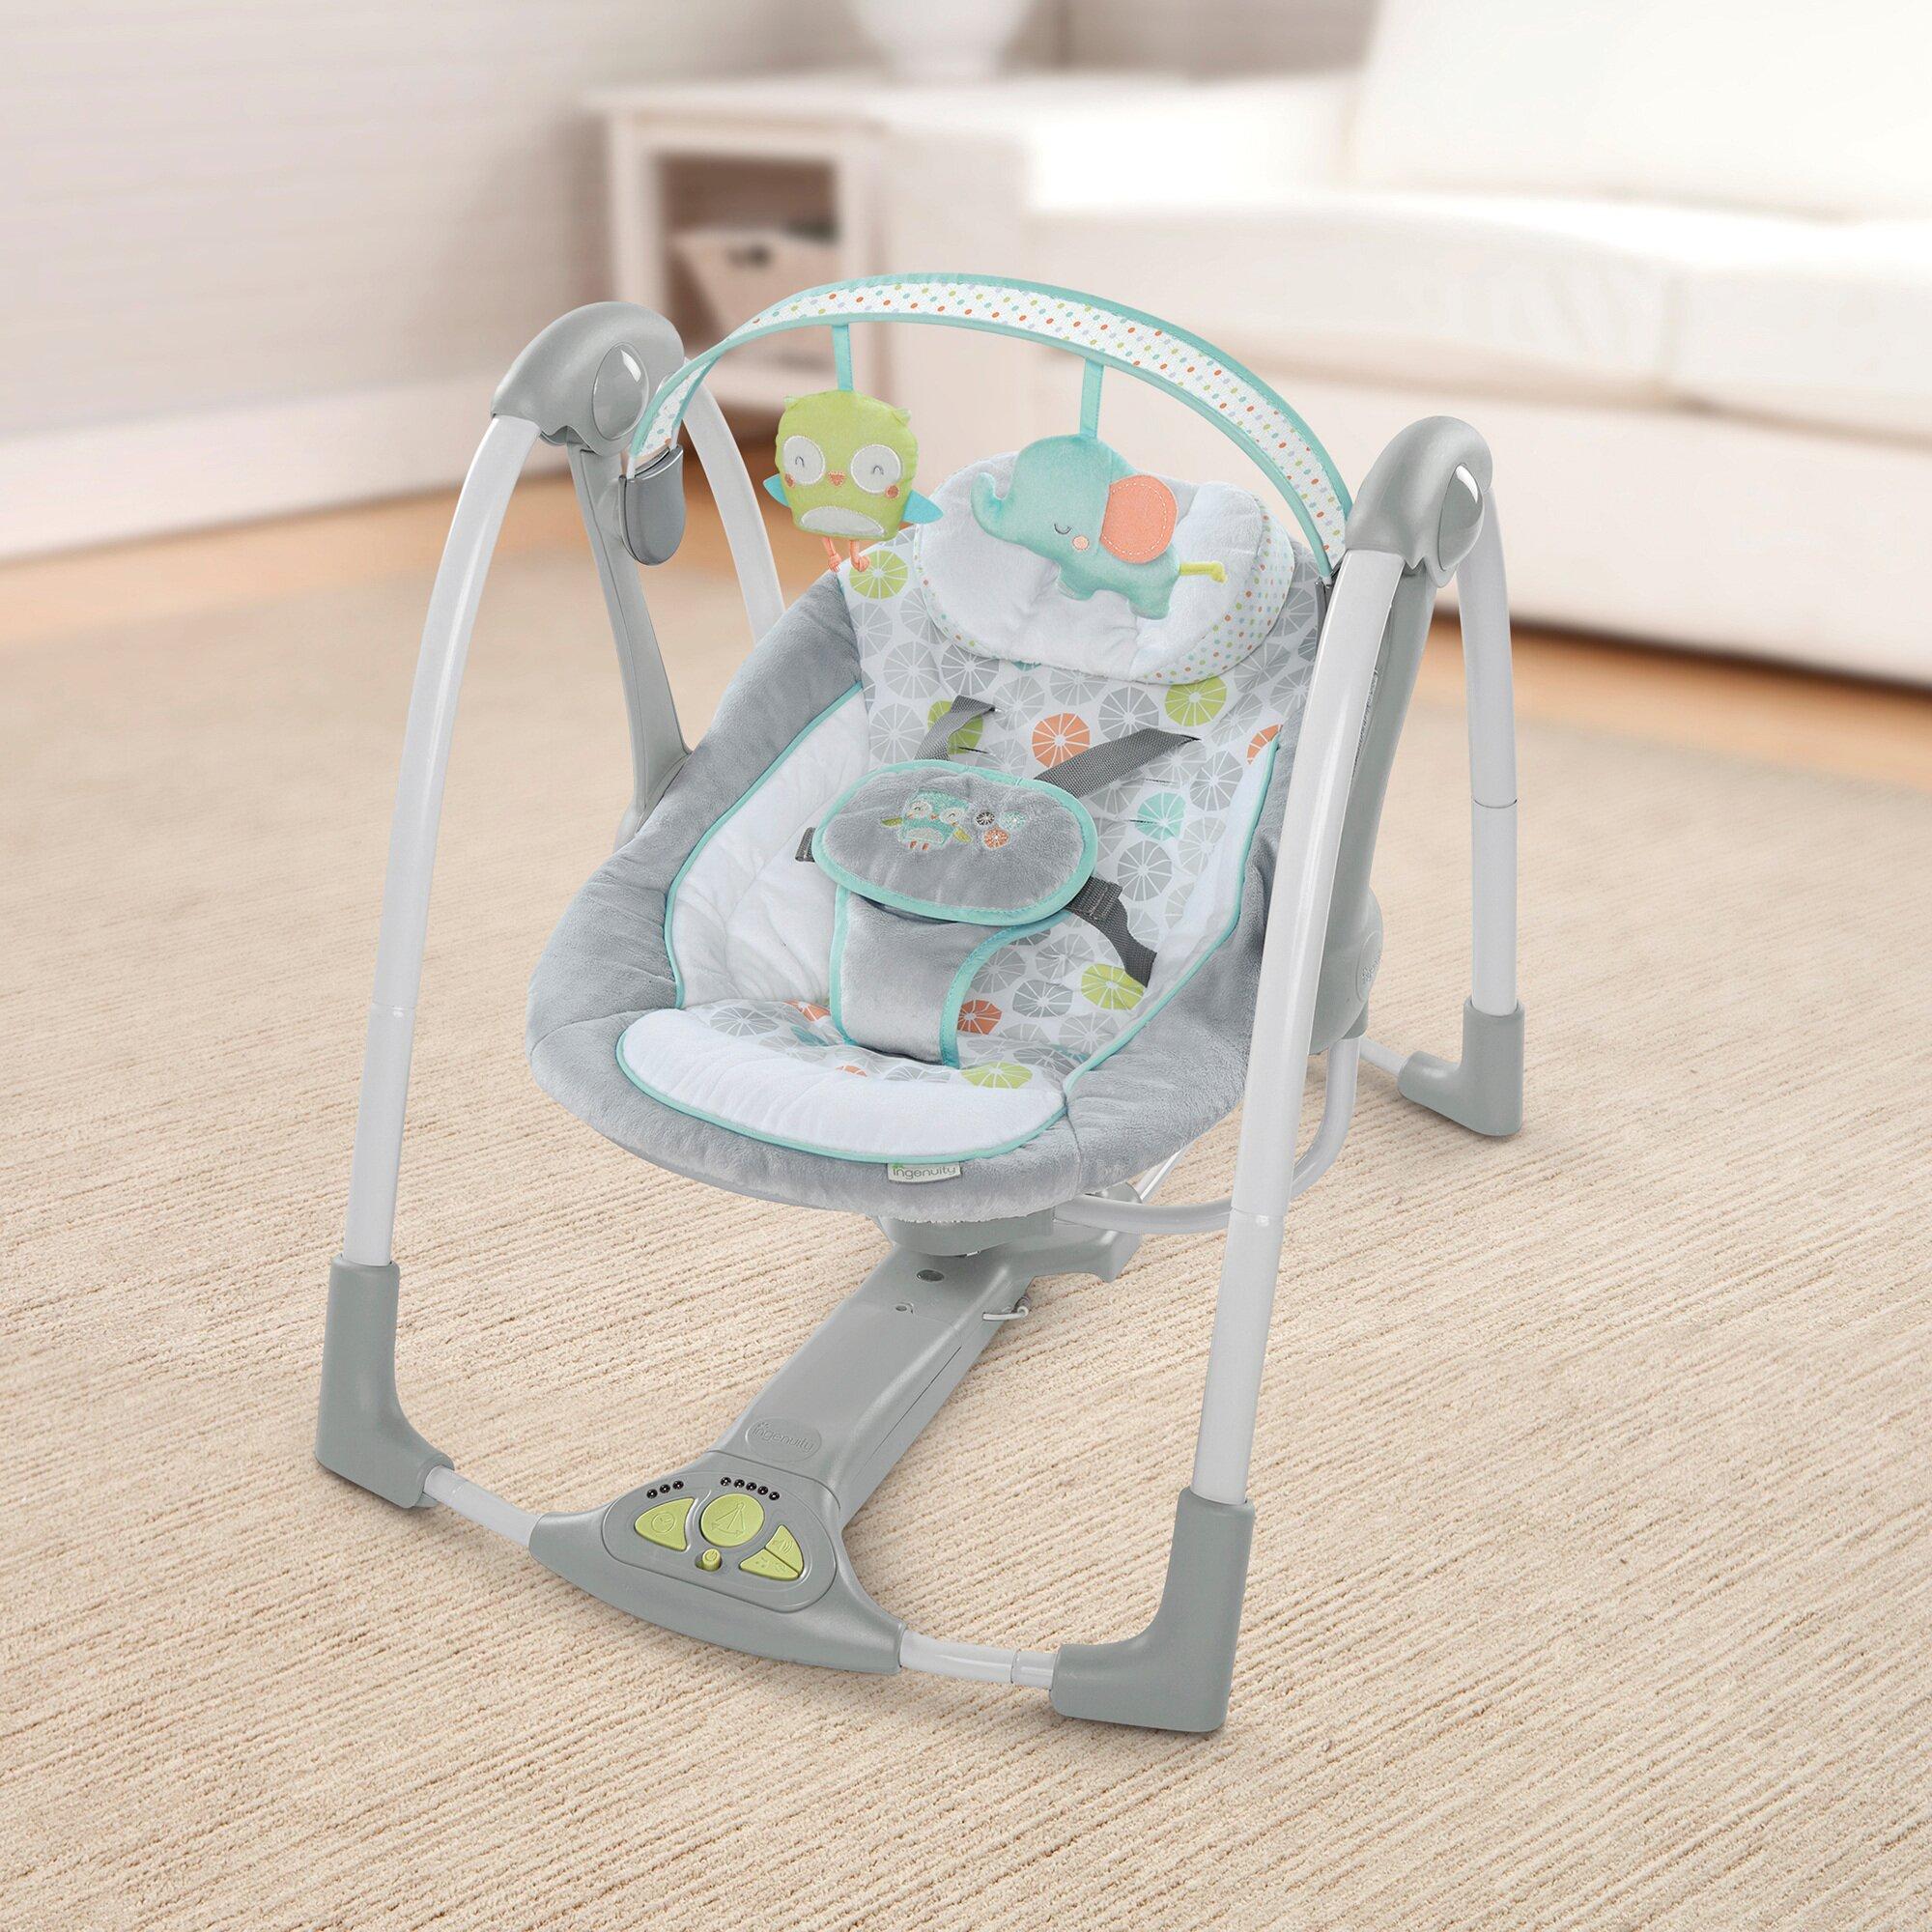 ingenuity-babyschaukel-swing-n-go-portable-swing-